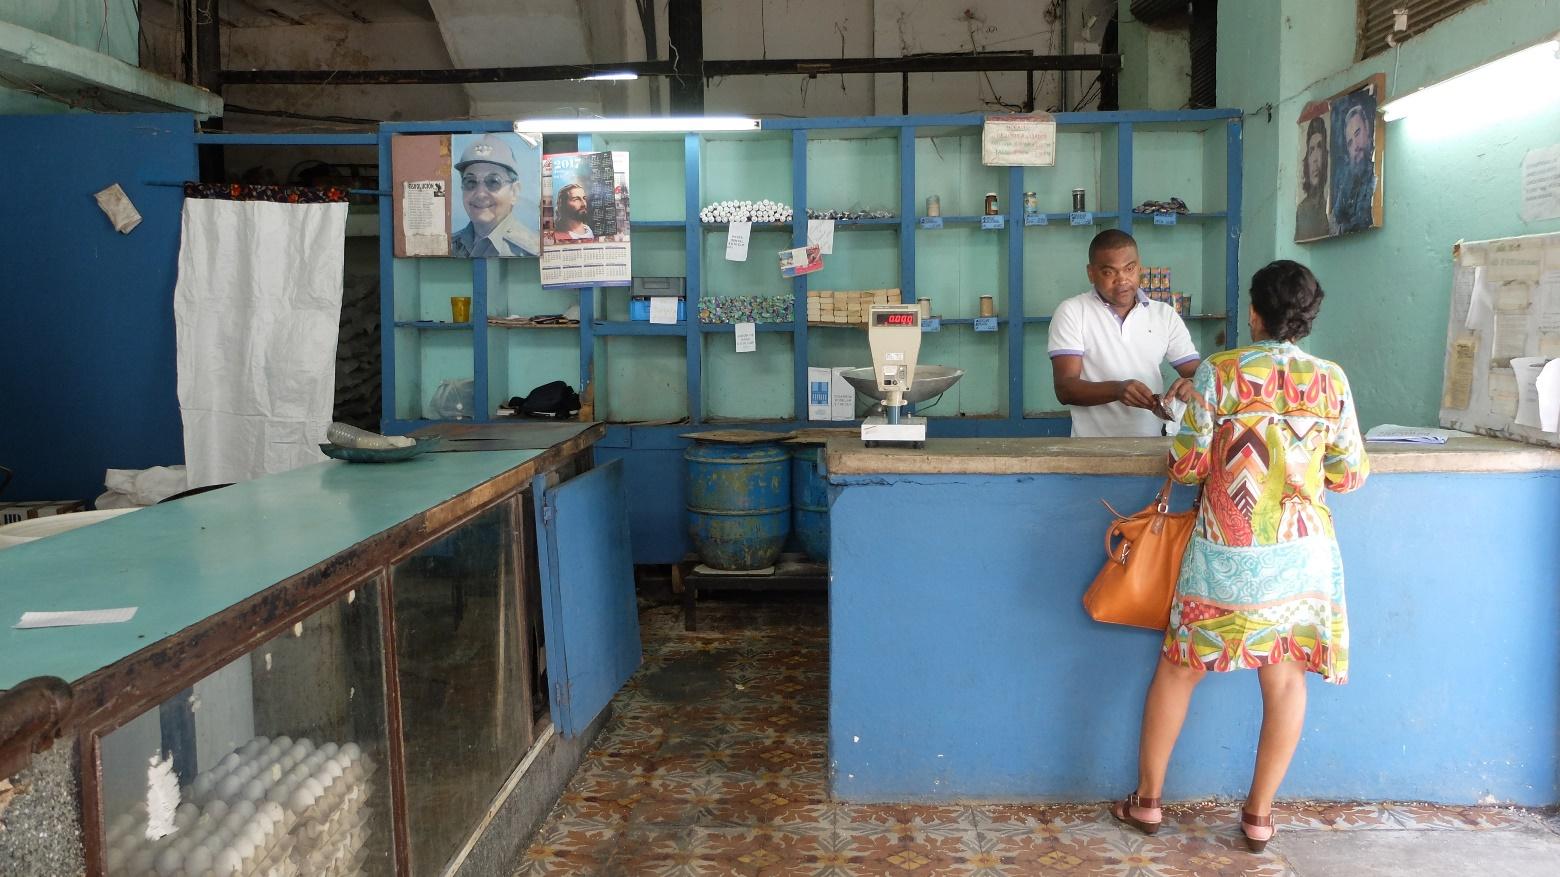 Куба. Государственный продуктовый магазин в Гаване